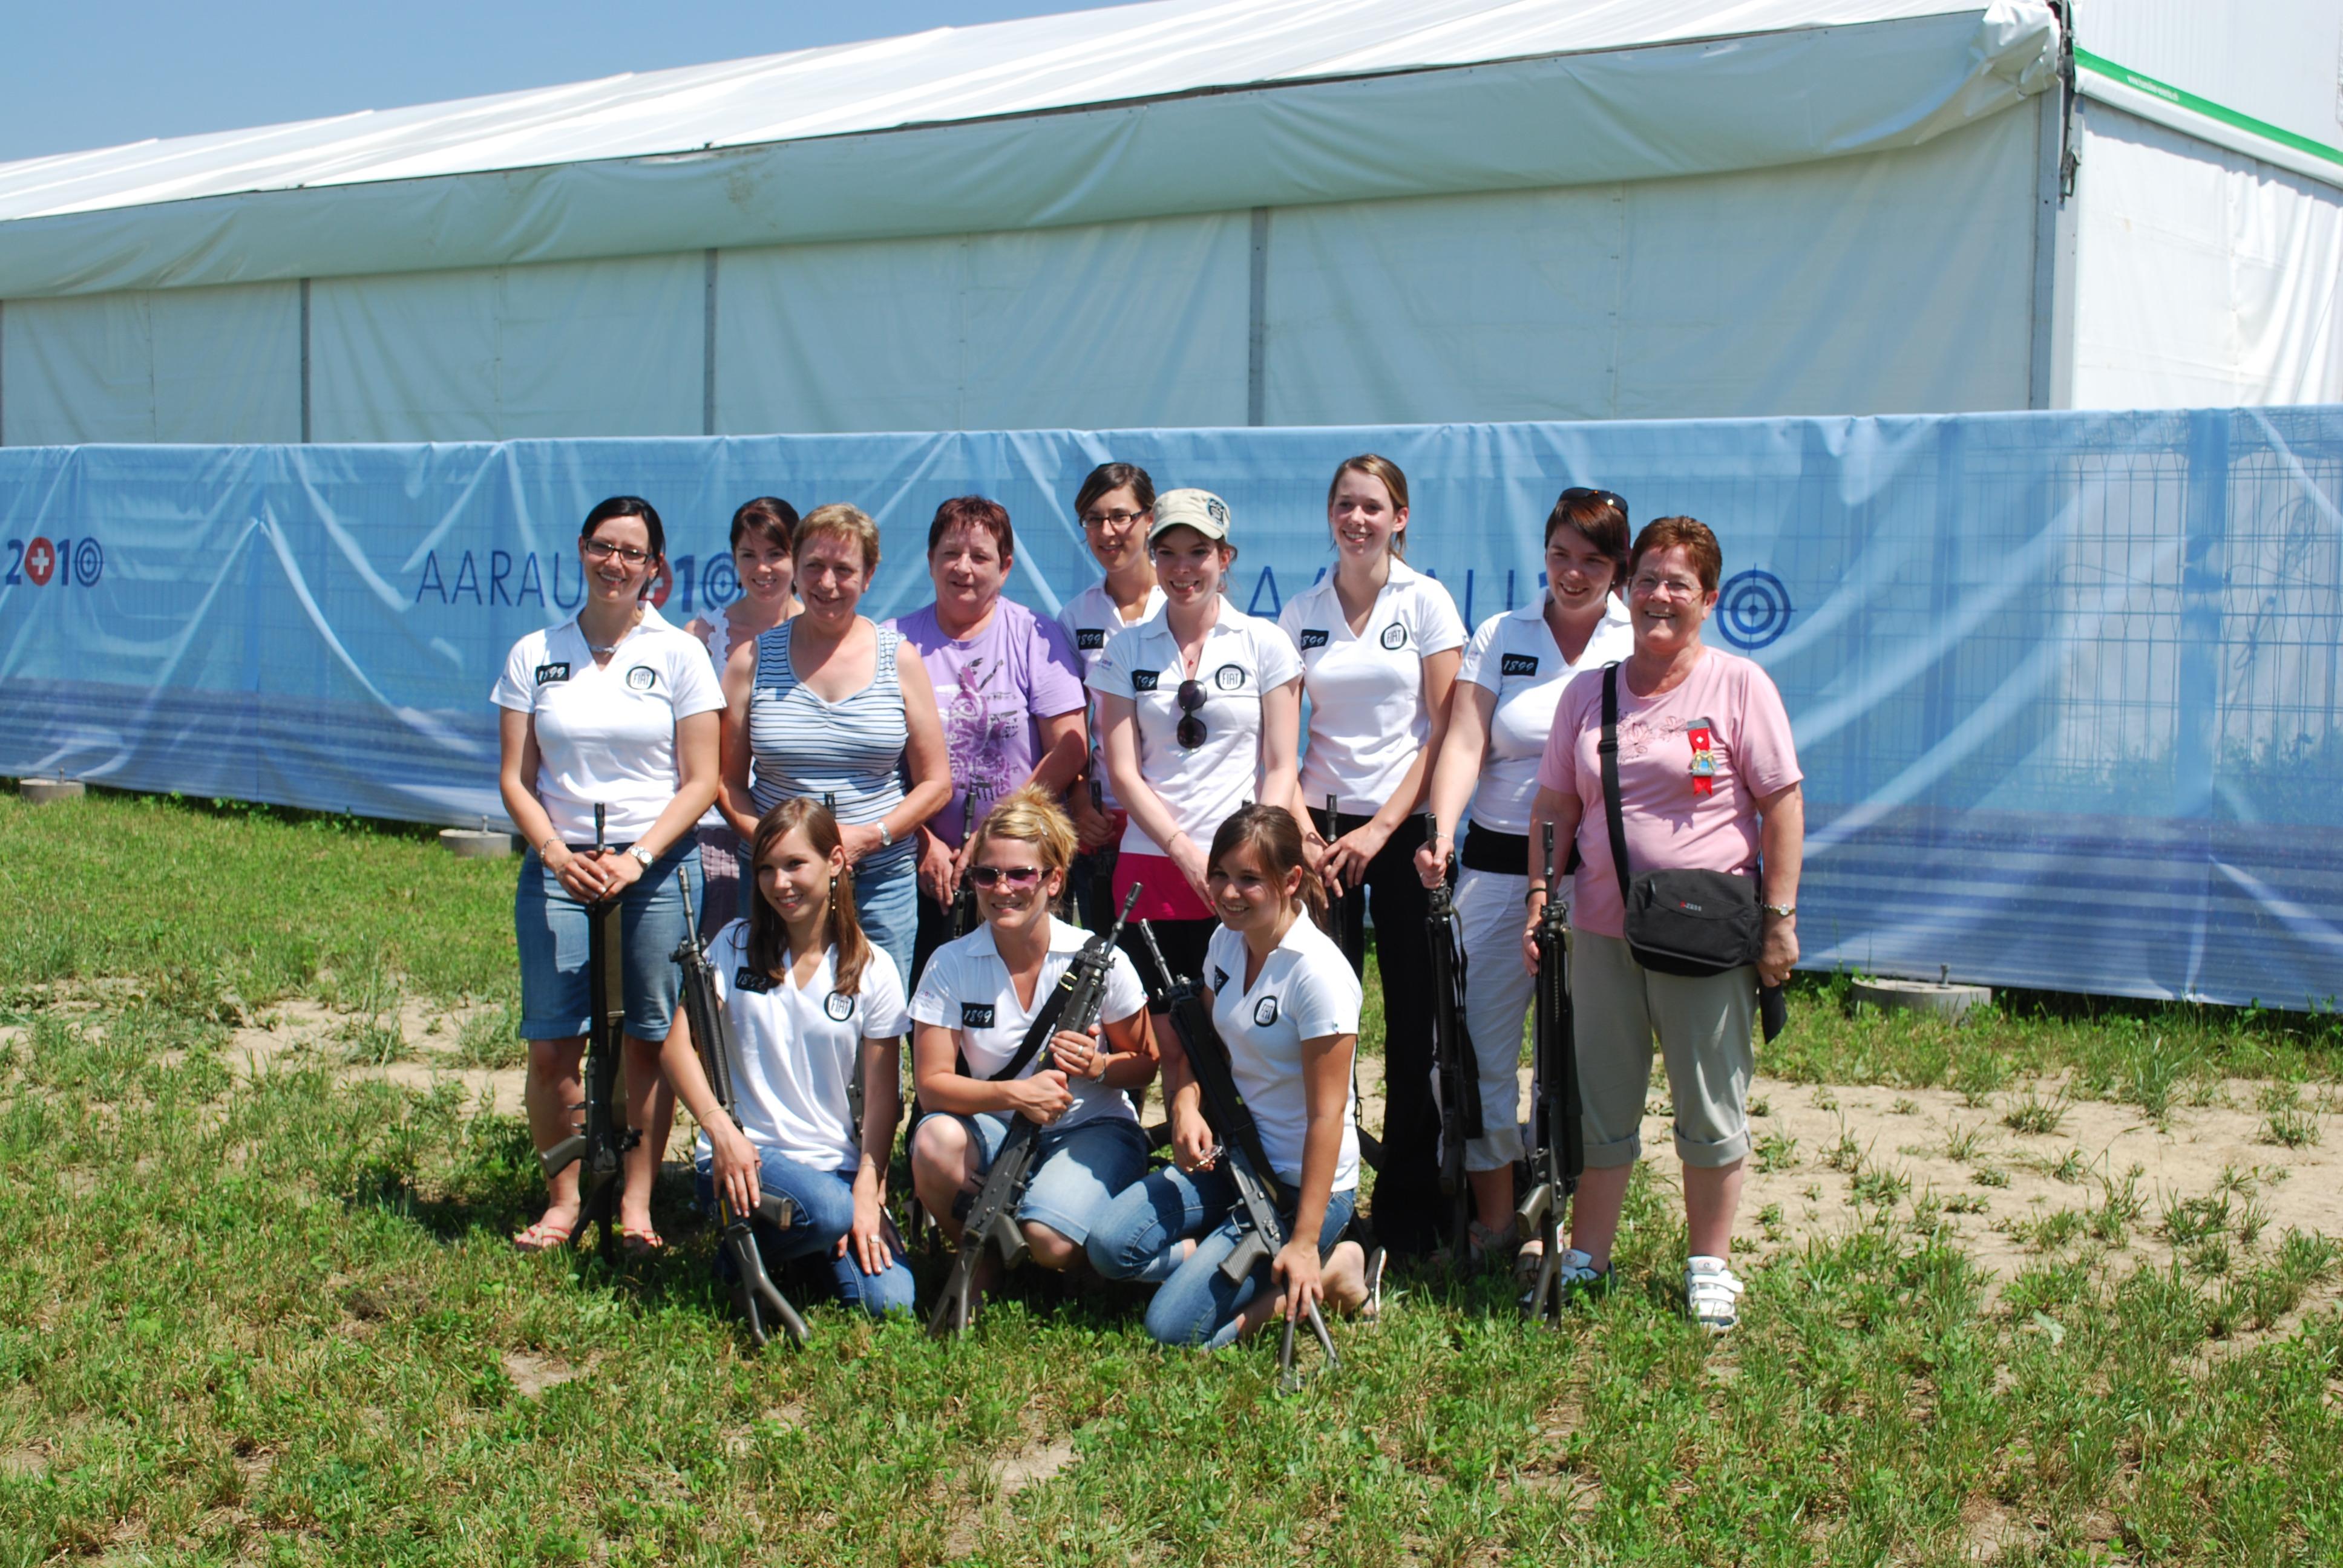 Les femmes de la Sté de Tir de Ponthaux-Nierlet au Tir Fédéral d'Aarau en 2010